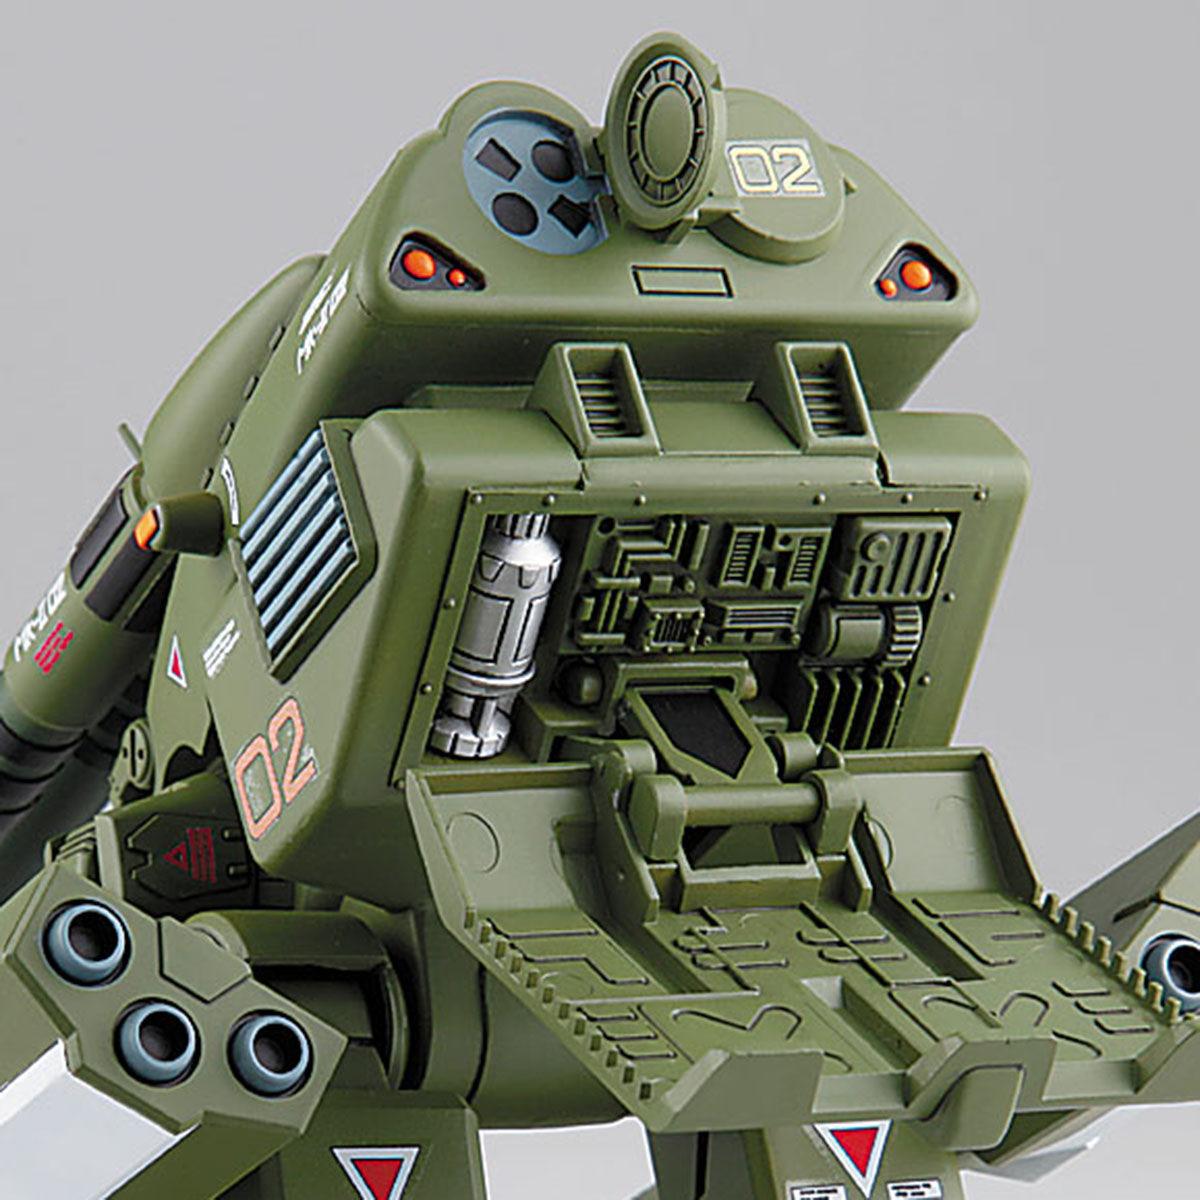 【再販】超時空要塞マクロス『超重量級デストロイド モンスター』1/200 プラモデル-003